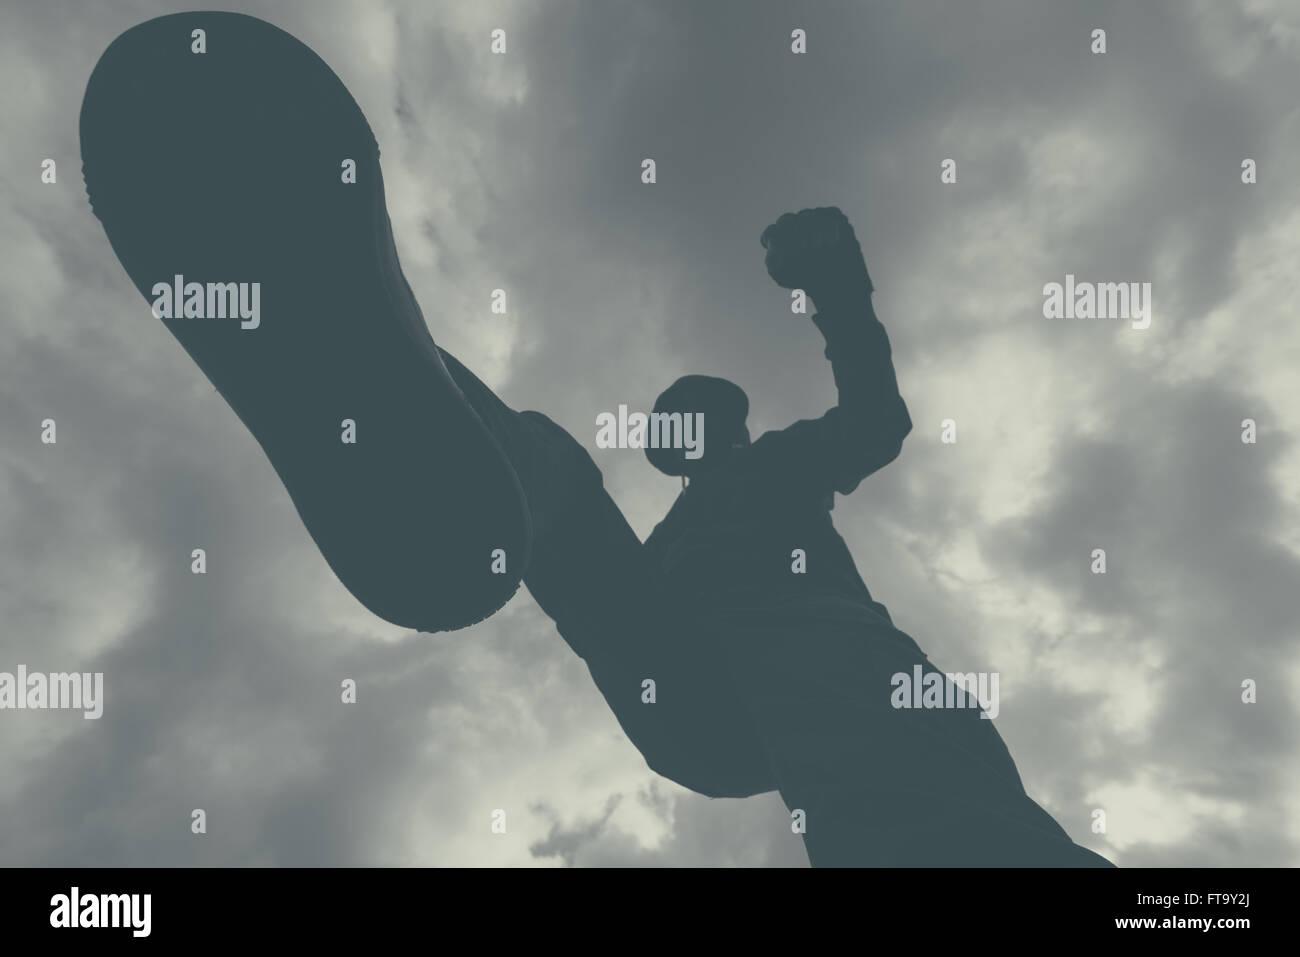 Ataque violento, hombres encapuchados irreconocible criminal víctima de patadas y golpes en la calle. imágenes Imagen De Stock